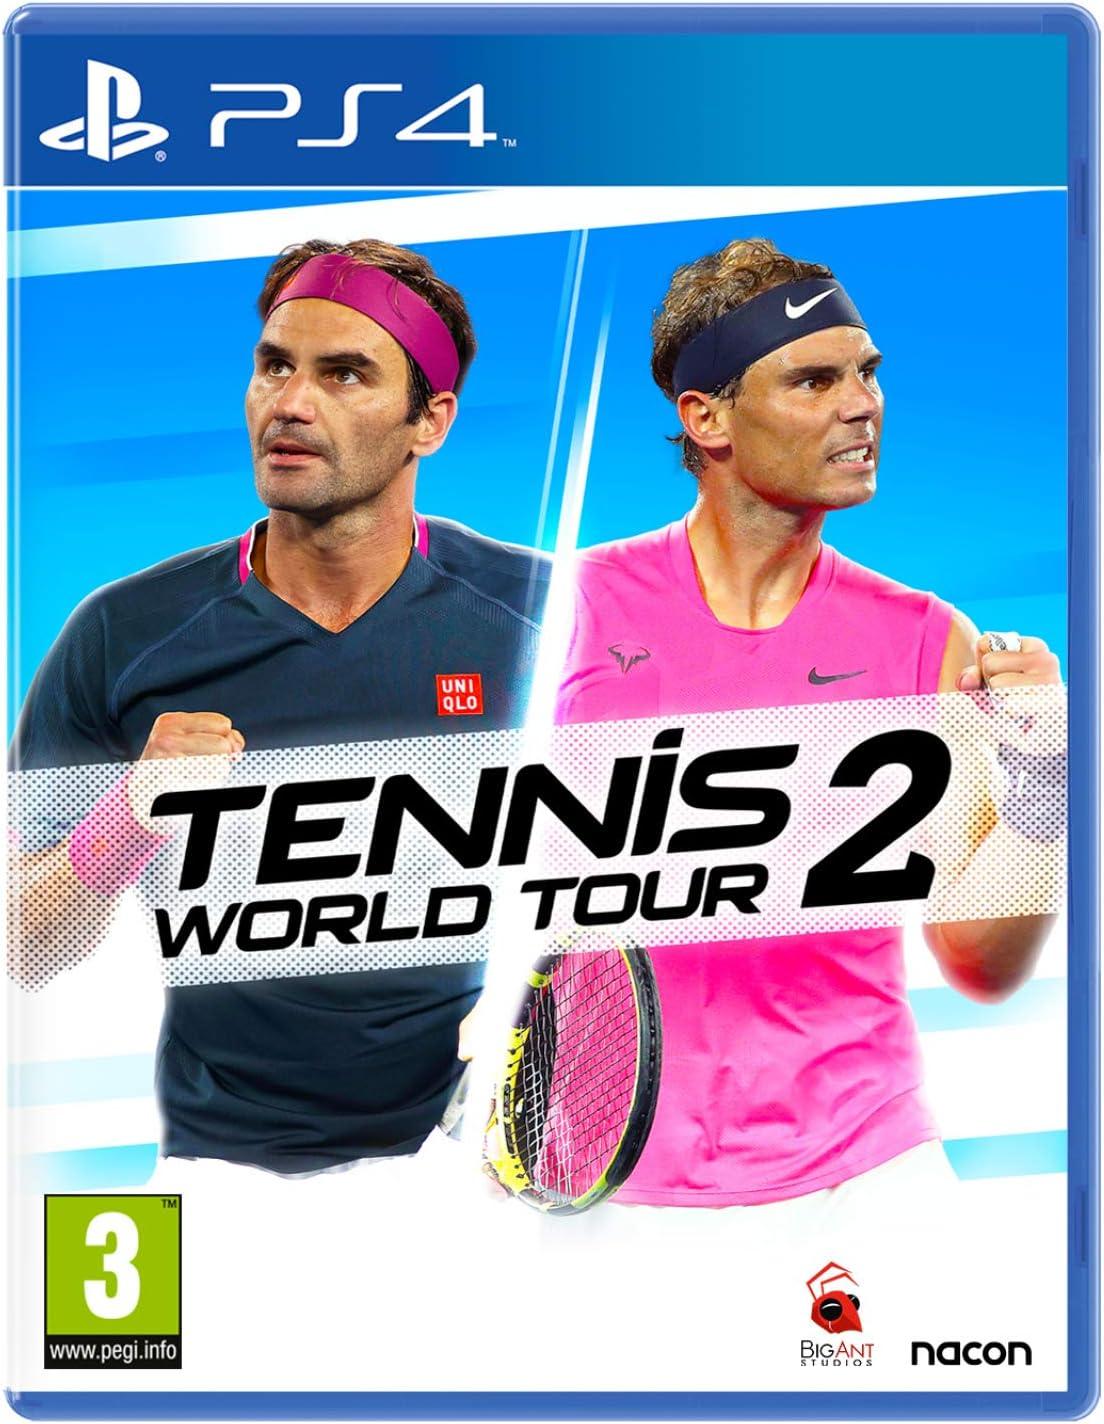 Tennis World Tour 2 en Amazon